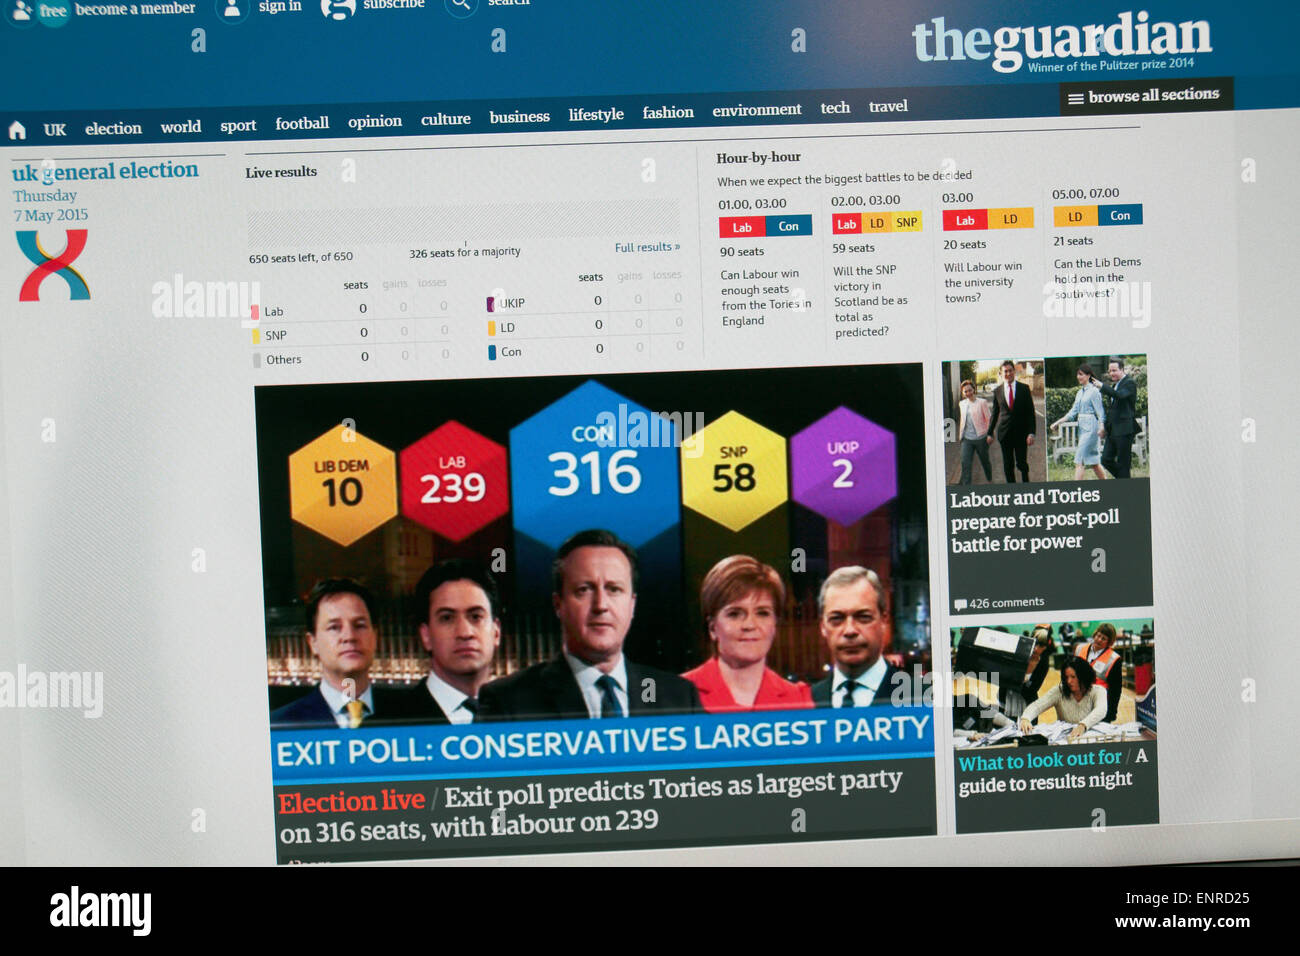 Il Guardian sito web che mostra la scossa exit poll subito dopo 10pm il 7 maggio 2015 nell'elezione generale Immagini Stock